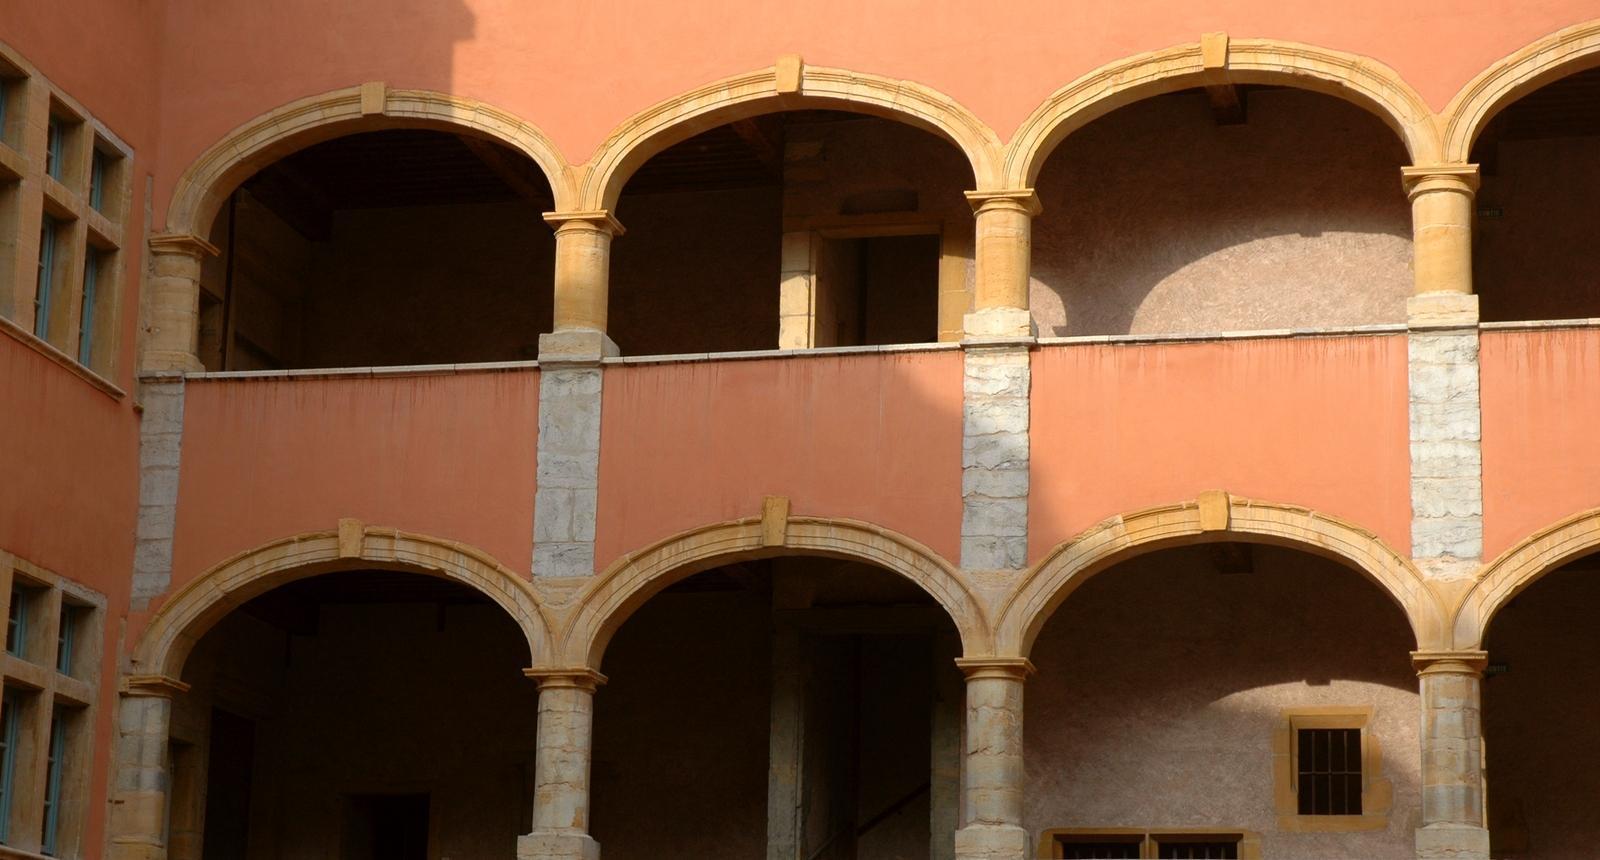 Italie ? Non, immeuble Renaissance du vieux Lyon